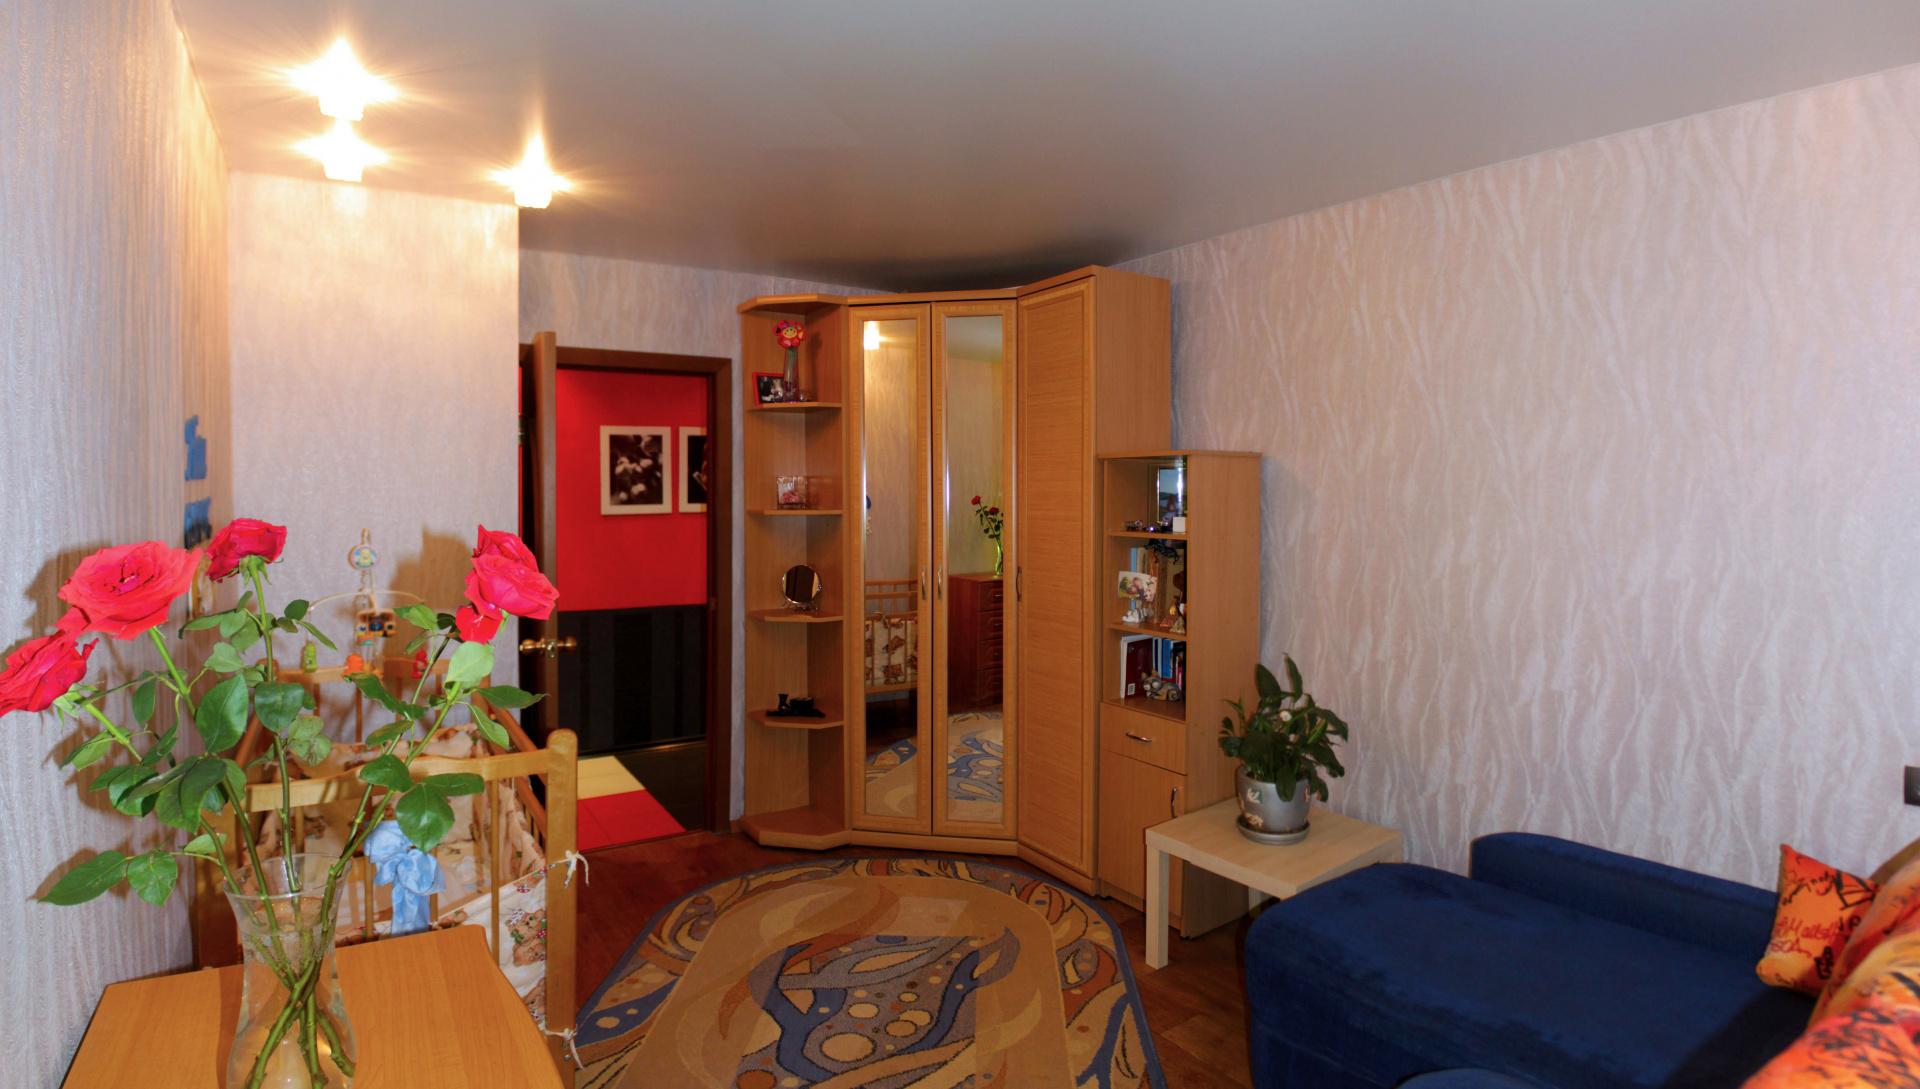 Продажа 3-комнатной квартиры Лесной городок, 2, Нижний Новгород